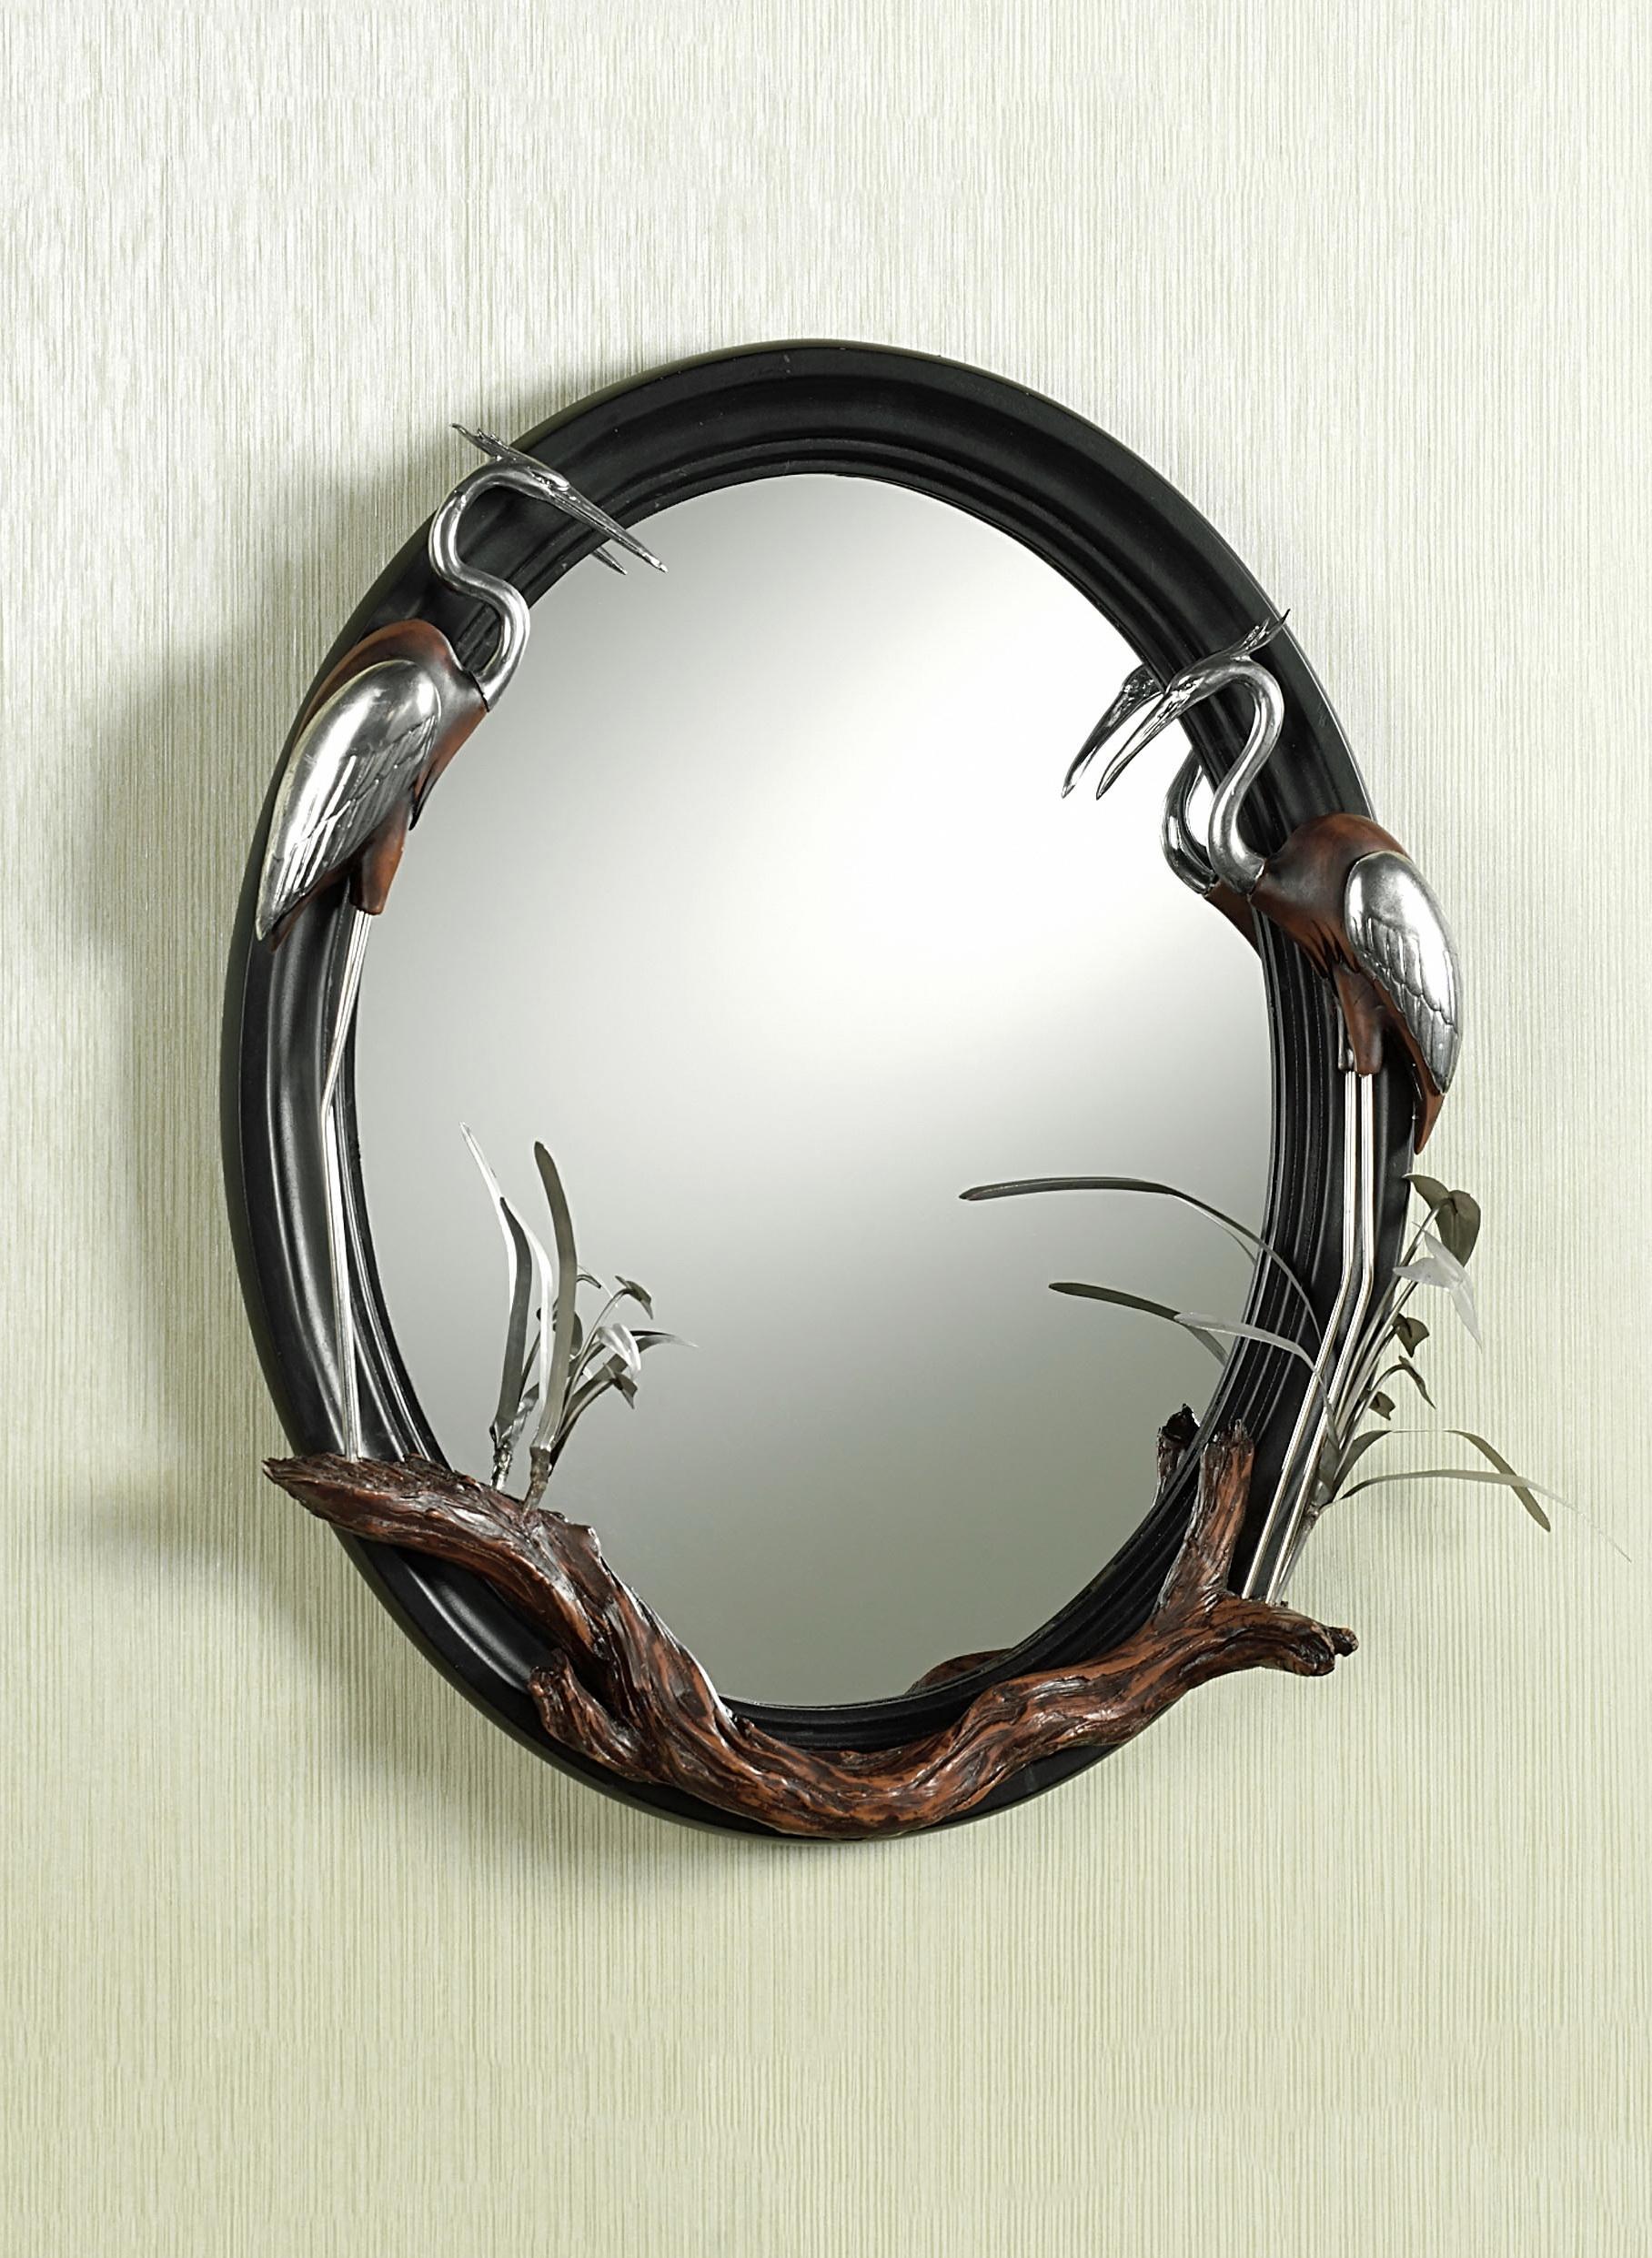 Красивое декорирование зеркала фигурками и деревом